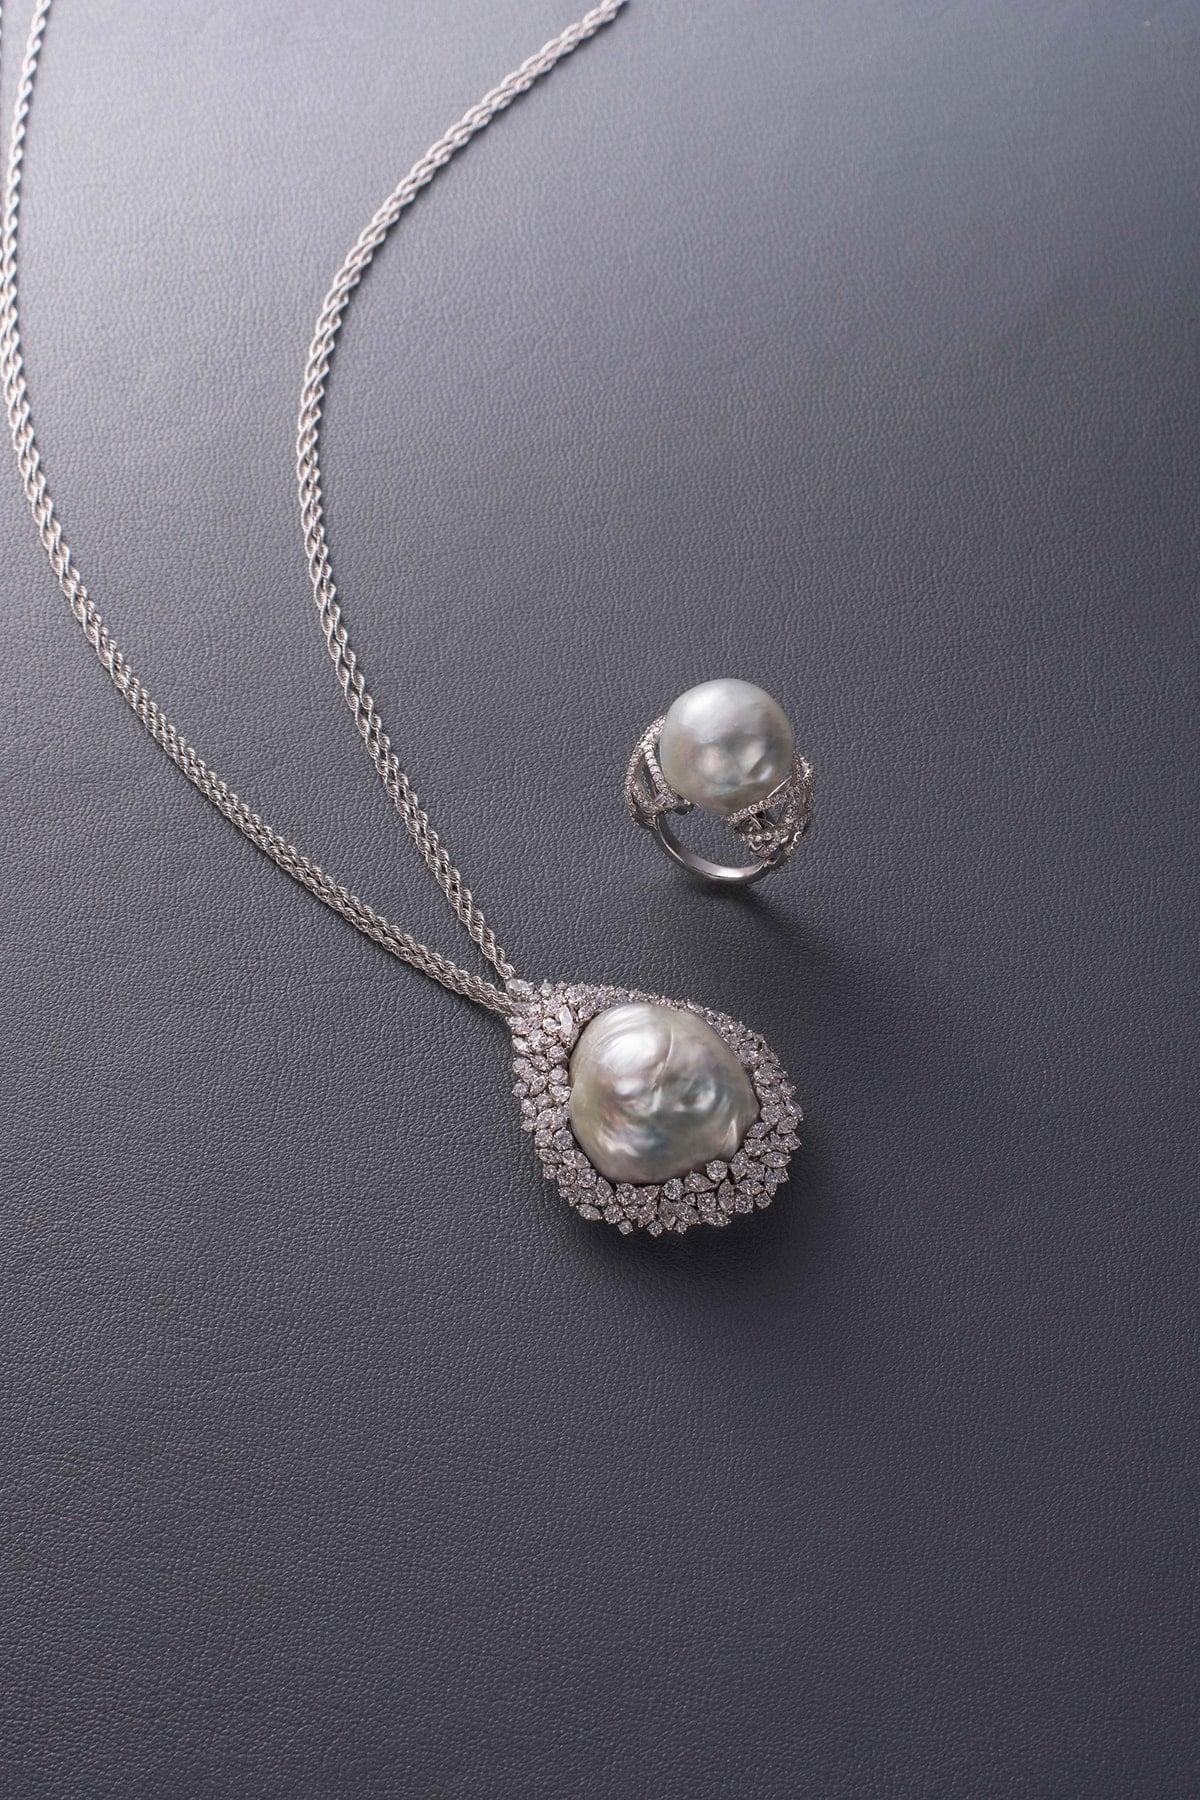 20mm珠の大きな真珠をバスケット状のアームが包み込むリングと、約27×32mmのサイズの真珠を、合計8.88ctのダイヤモンドがランダムに取り巻くペンダント。 リング K18ホワイトゴールド・白蝶真珠・ダイヤモンド。2,200,000円、ペンダント K18ホワイトゴールド・白蝶真珠・ダイヤモンド。12,000,000円 ともに税別